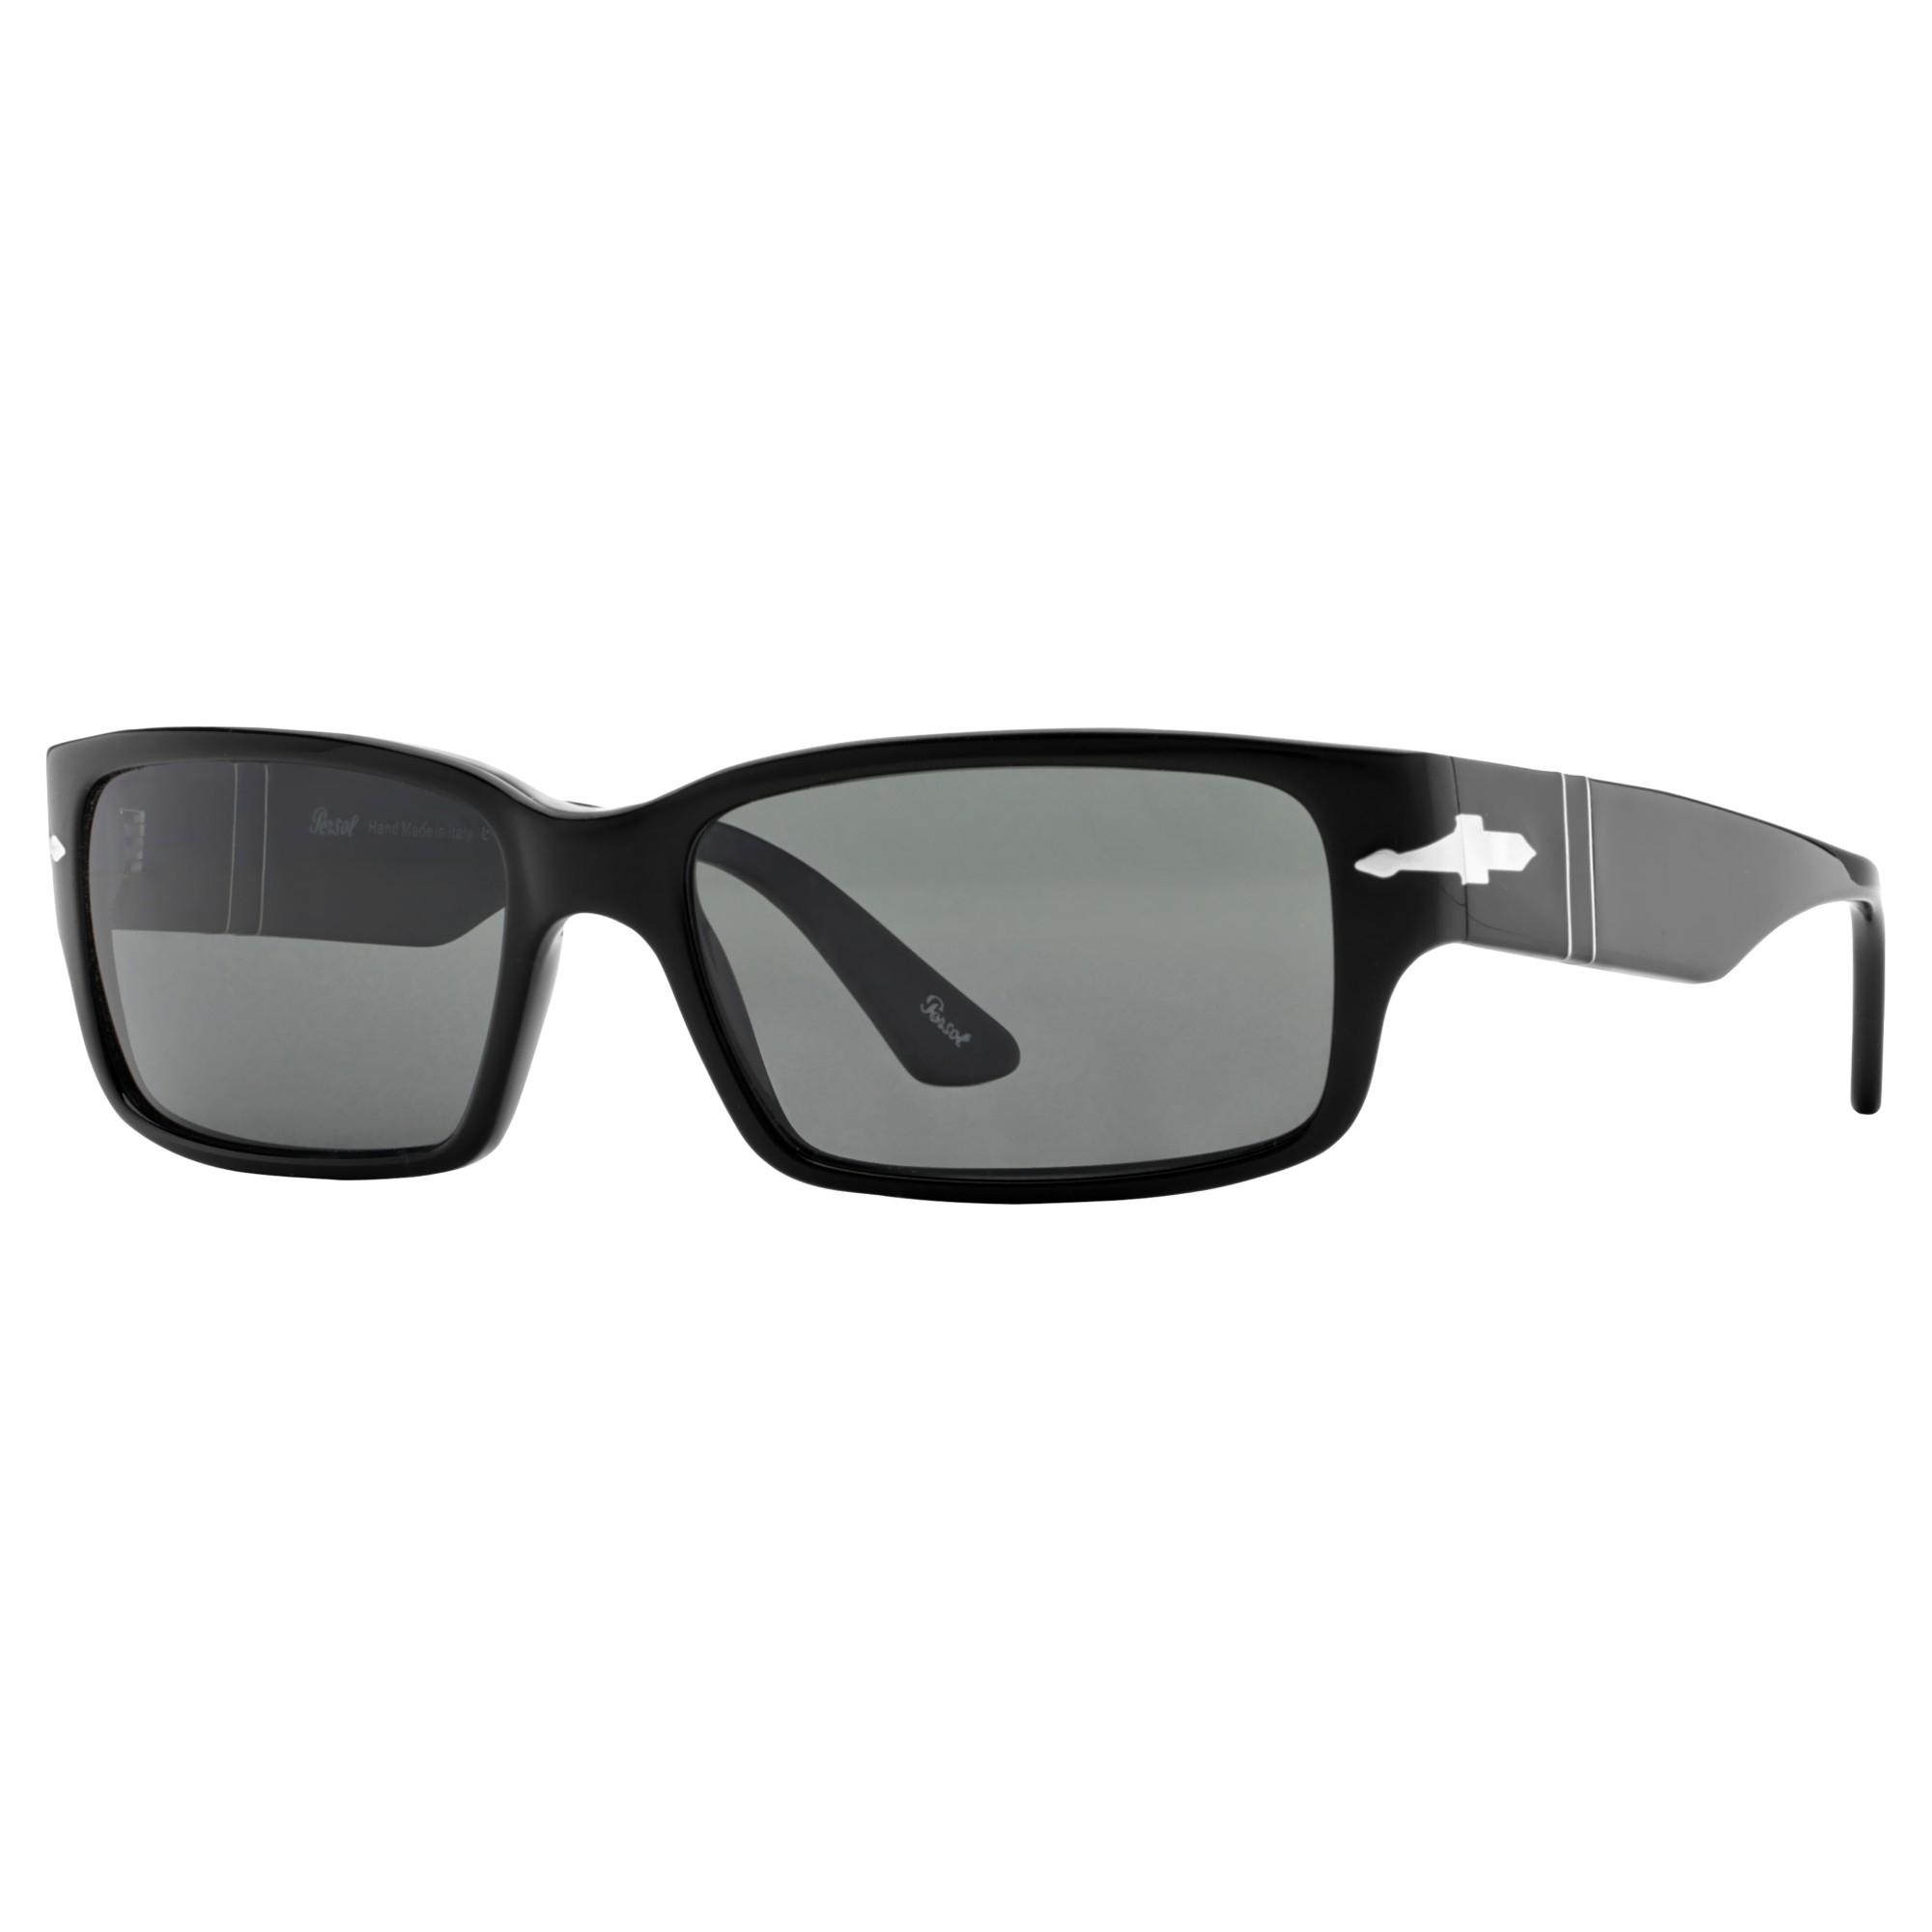 Persol Po3087s Rectangular Framed Sunglasses in Black - Lyst cd5547e720